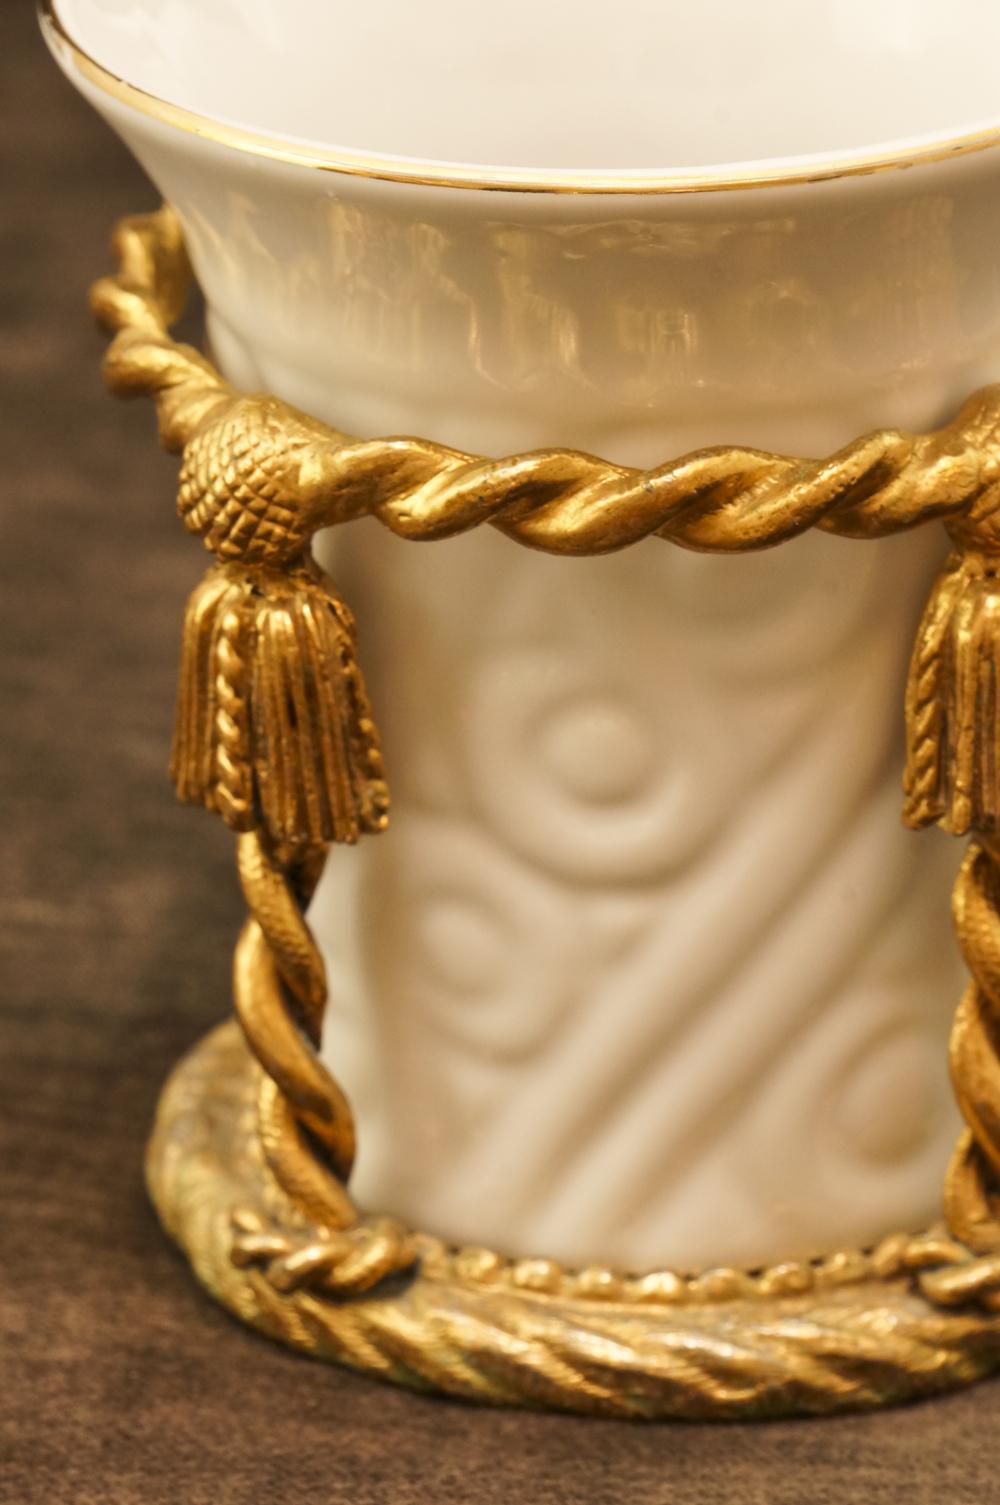 スタイルビルト製 ゴールド 陶器 ロープ タンブラーホールダー 拡大